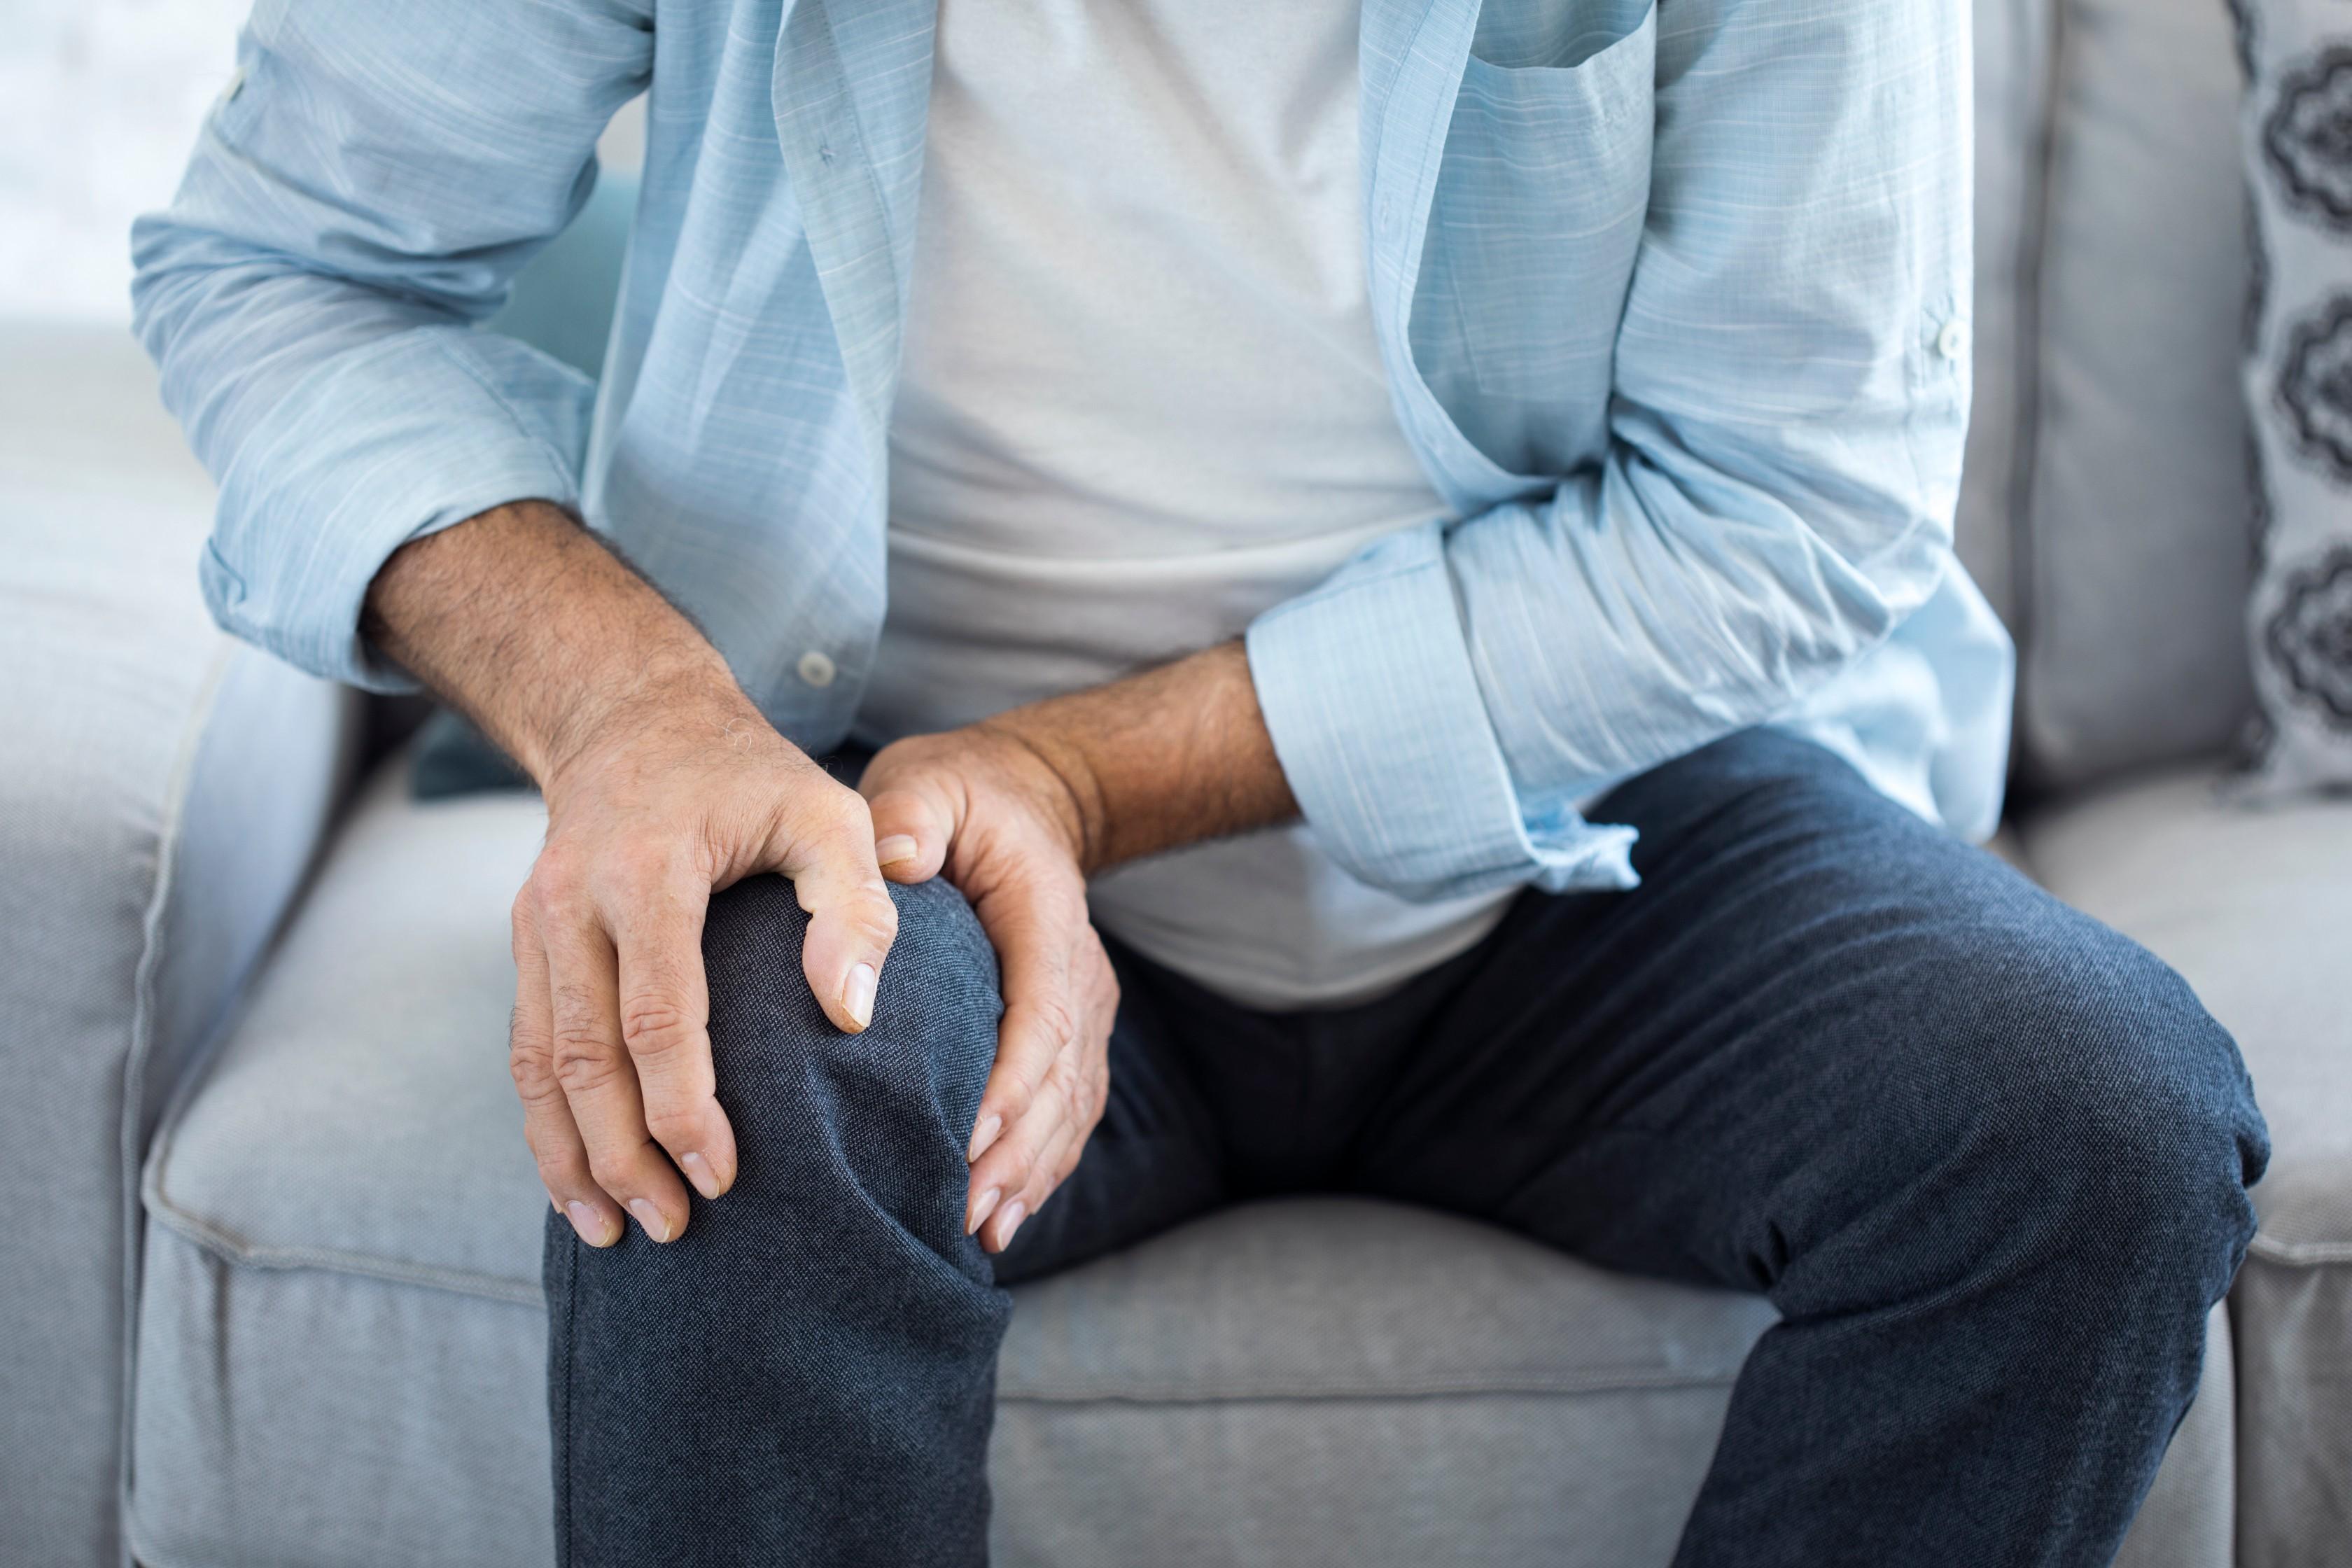 deformáló artrózis a térd 2 szakaszában újdonság a 3. fokú artrózis kezelésében